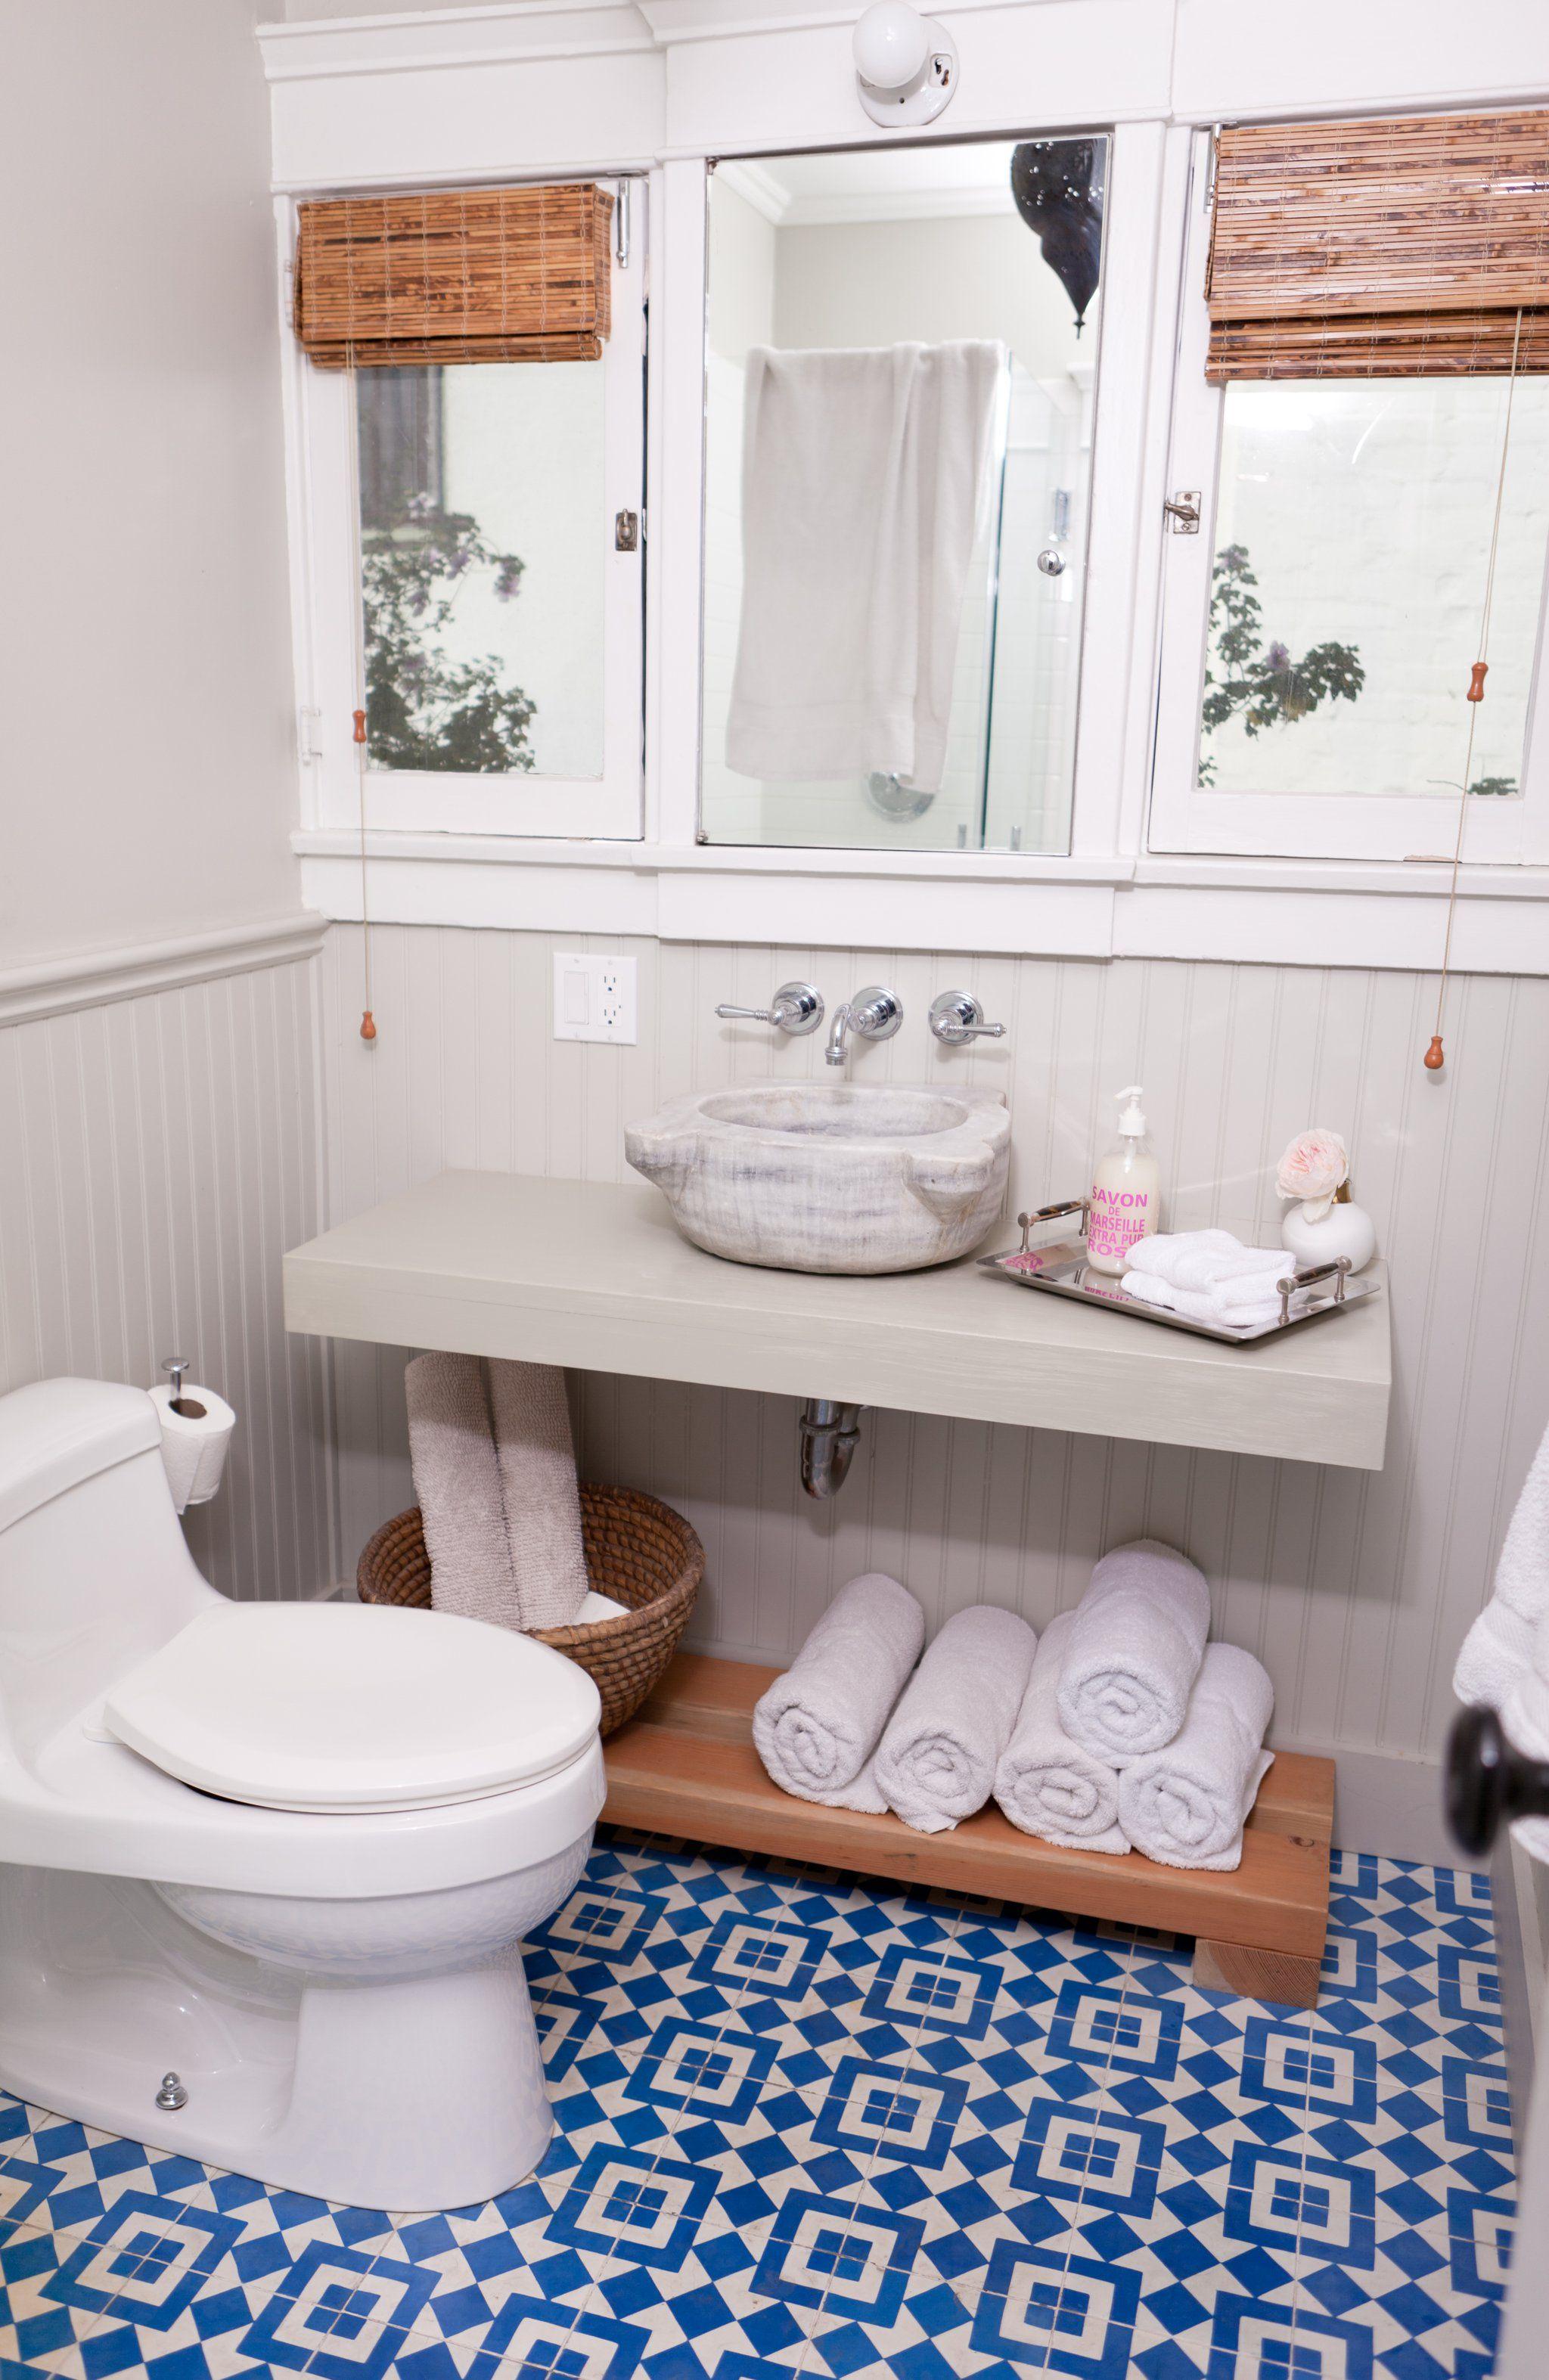 The 6 Best Bathroom Design Tips From HGTV Stars | Pinterest ...